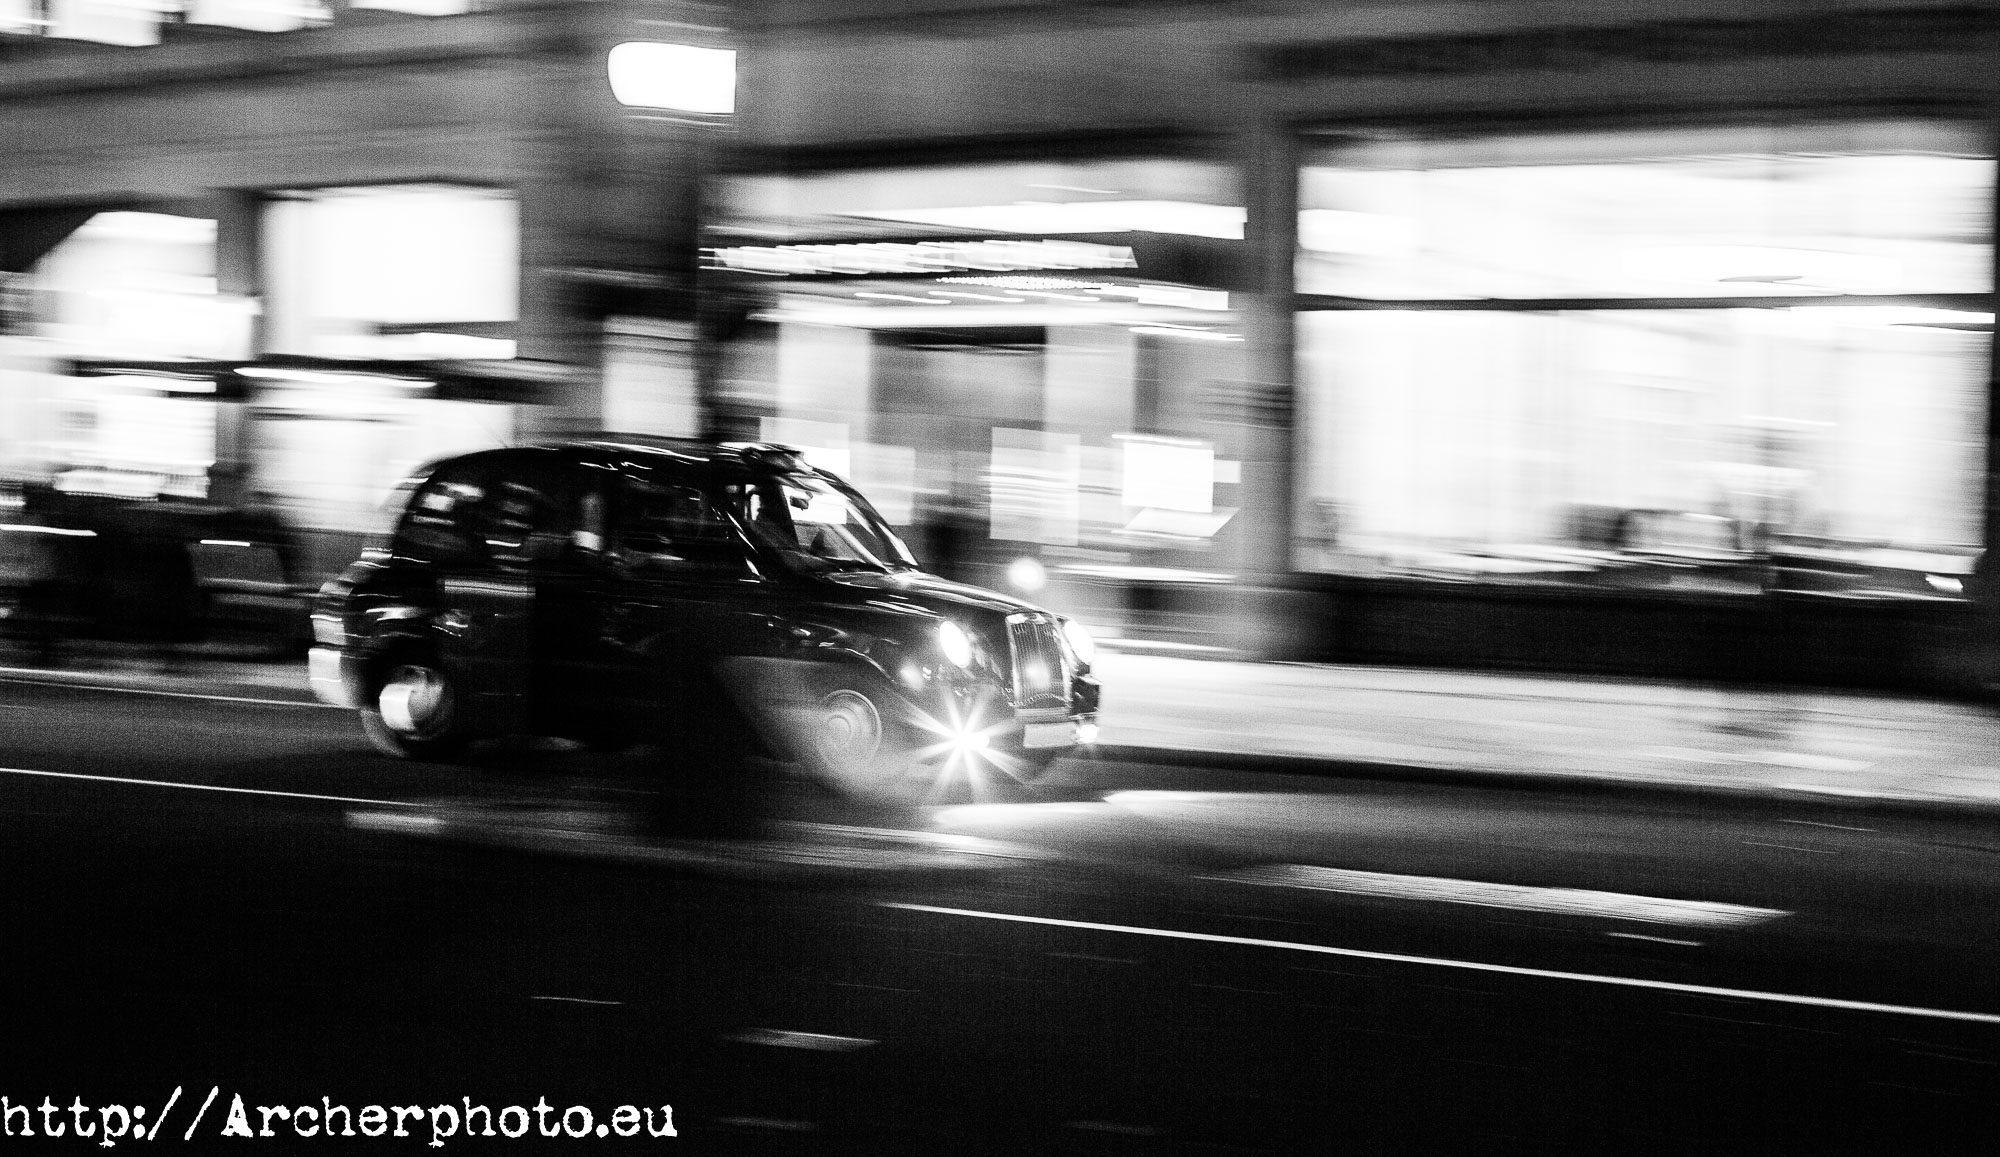 fotos urbanas y nocturnas (II), Londres, por Archerphoto, fotógrafo profesional